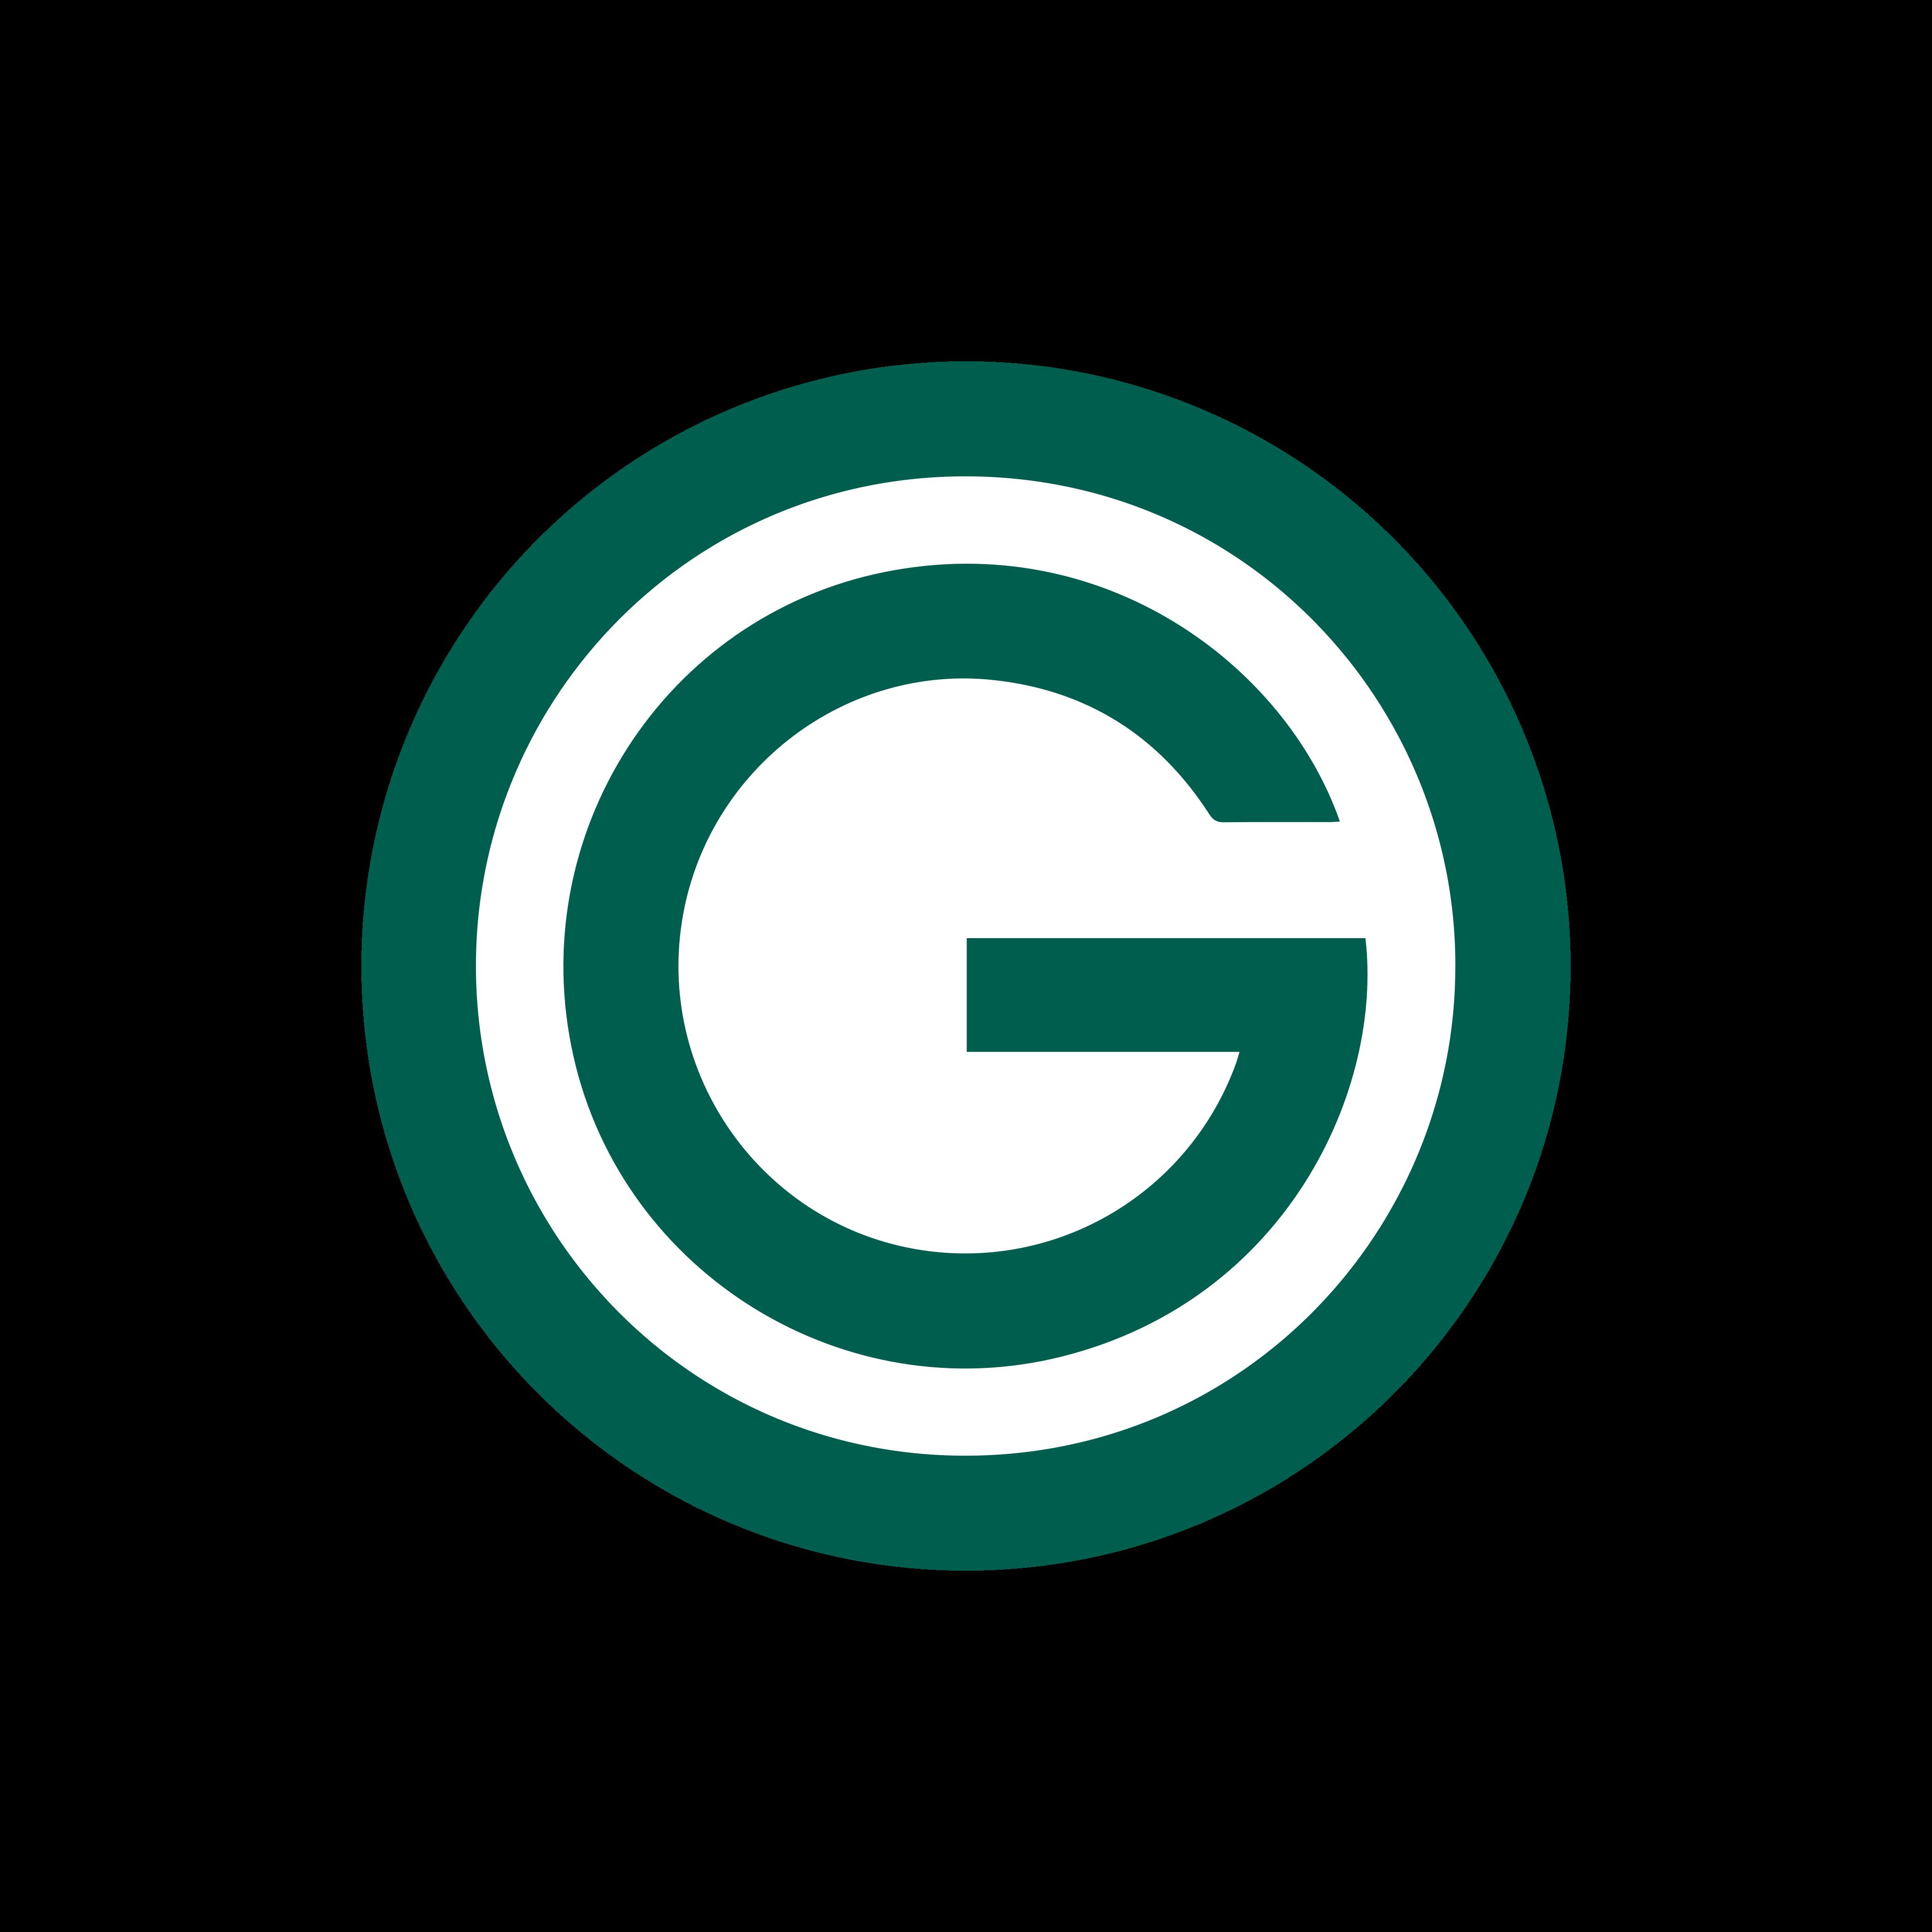 goias logo 0 - Goiás EC Logo